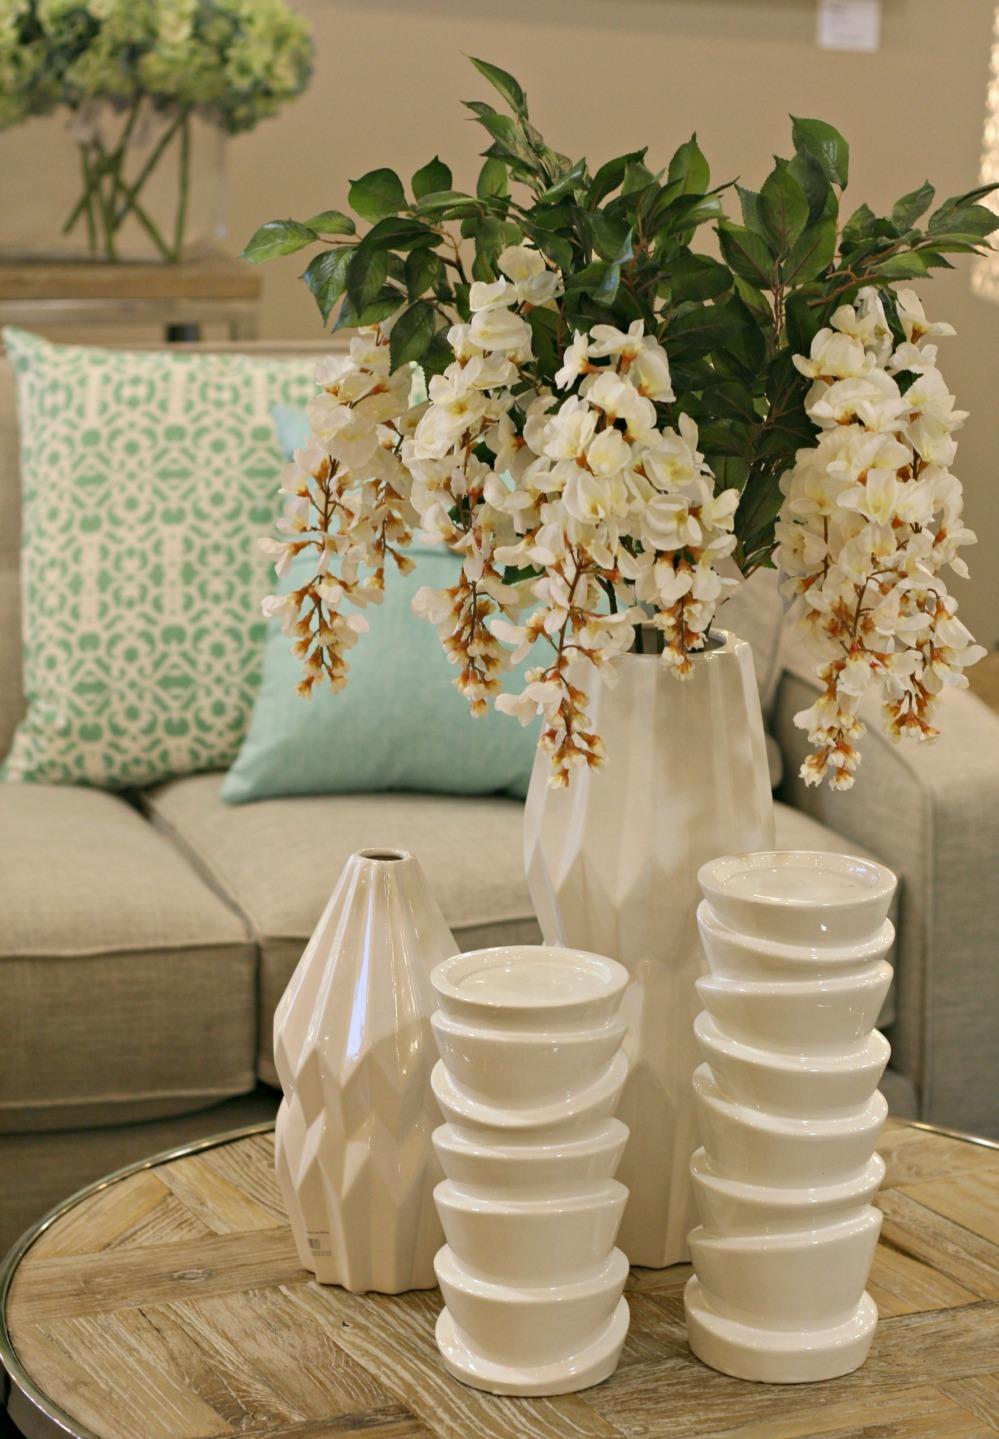 UB white vases